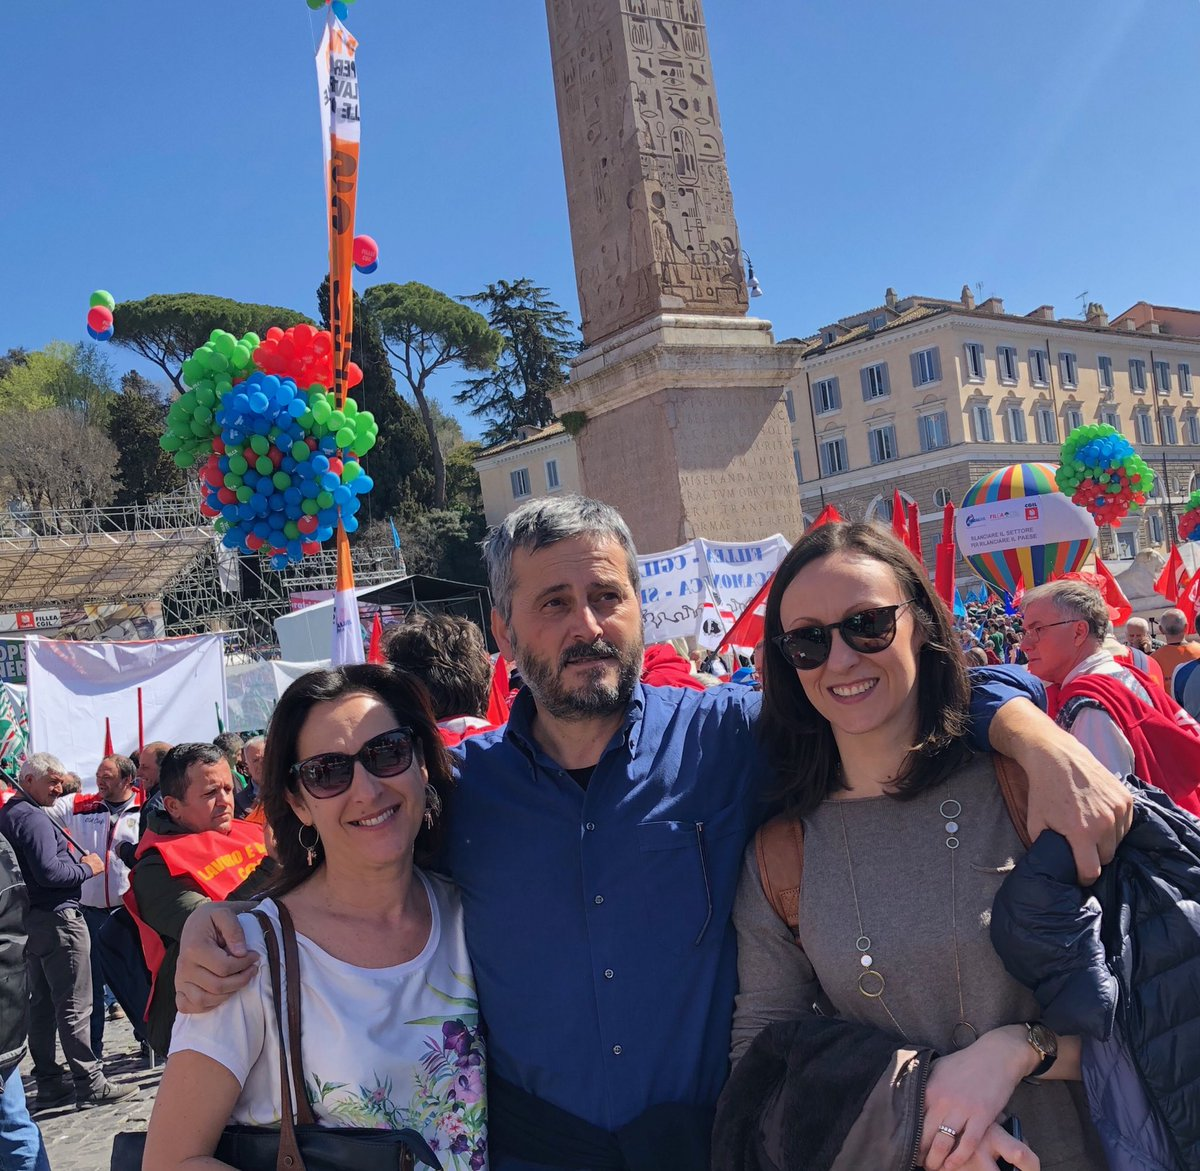 Fisac Cgil Toscana's photo on Piazza del Popolo